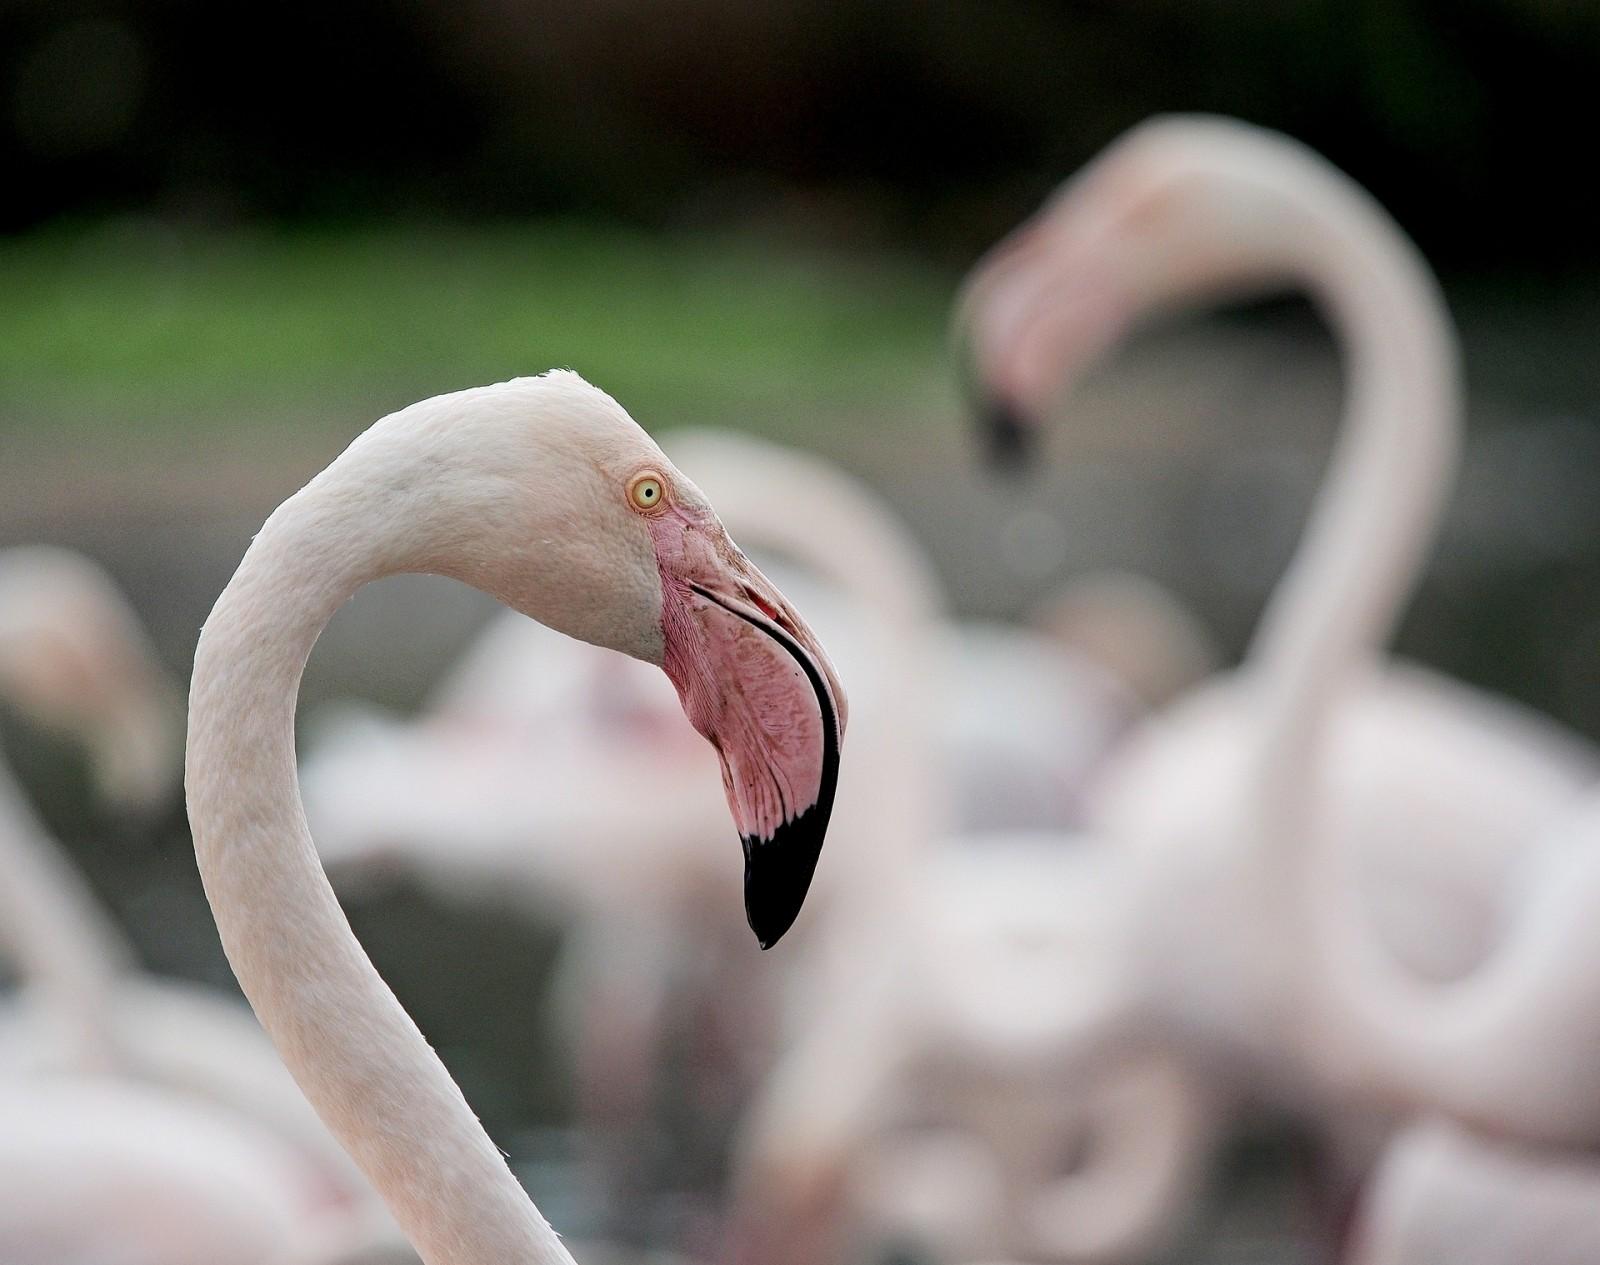 Flamingo, Madagascar, Africa, Pixabay.com